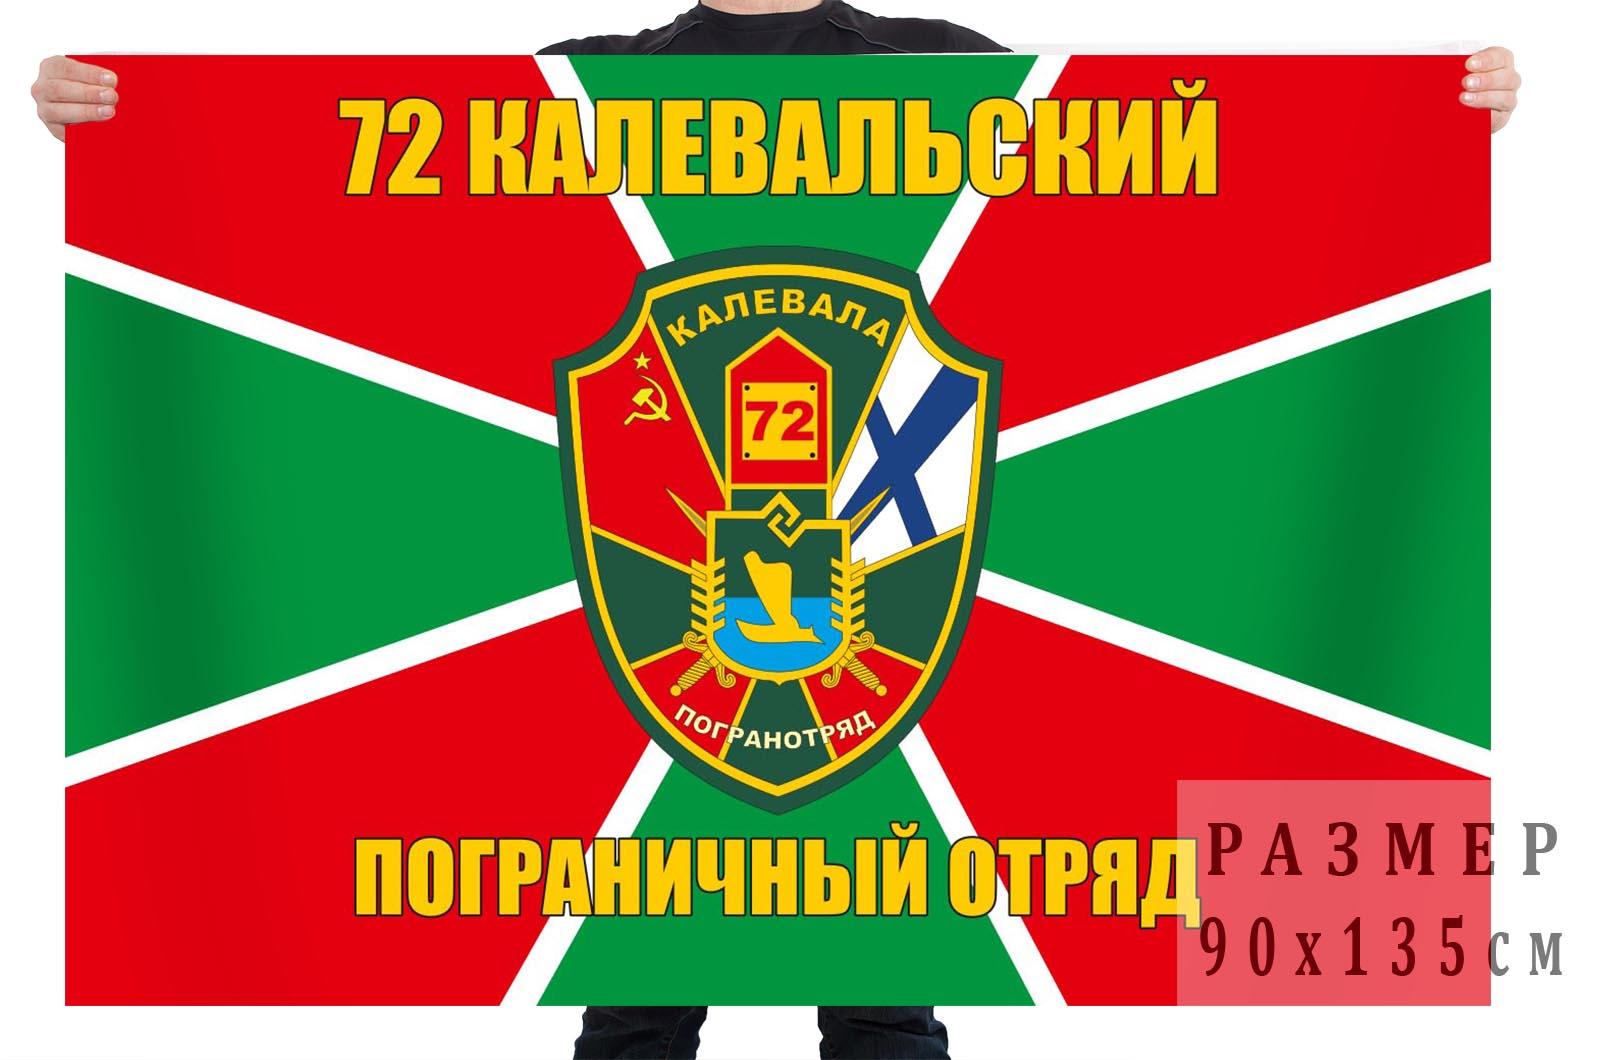 Флаг 72 Калевальского пограничного отряда